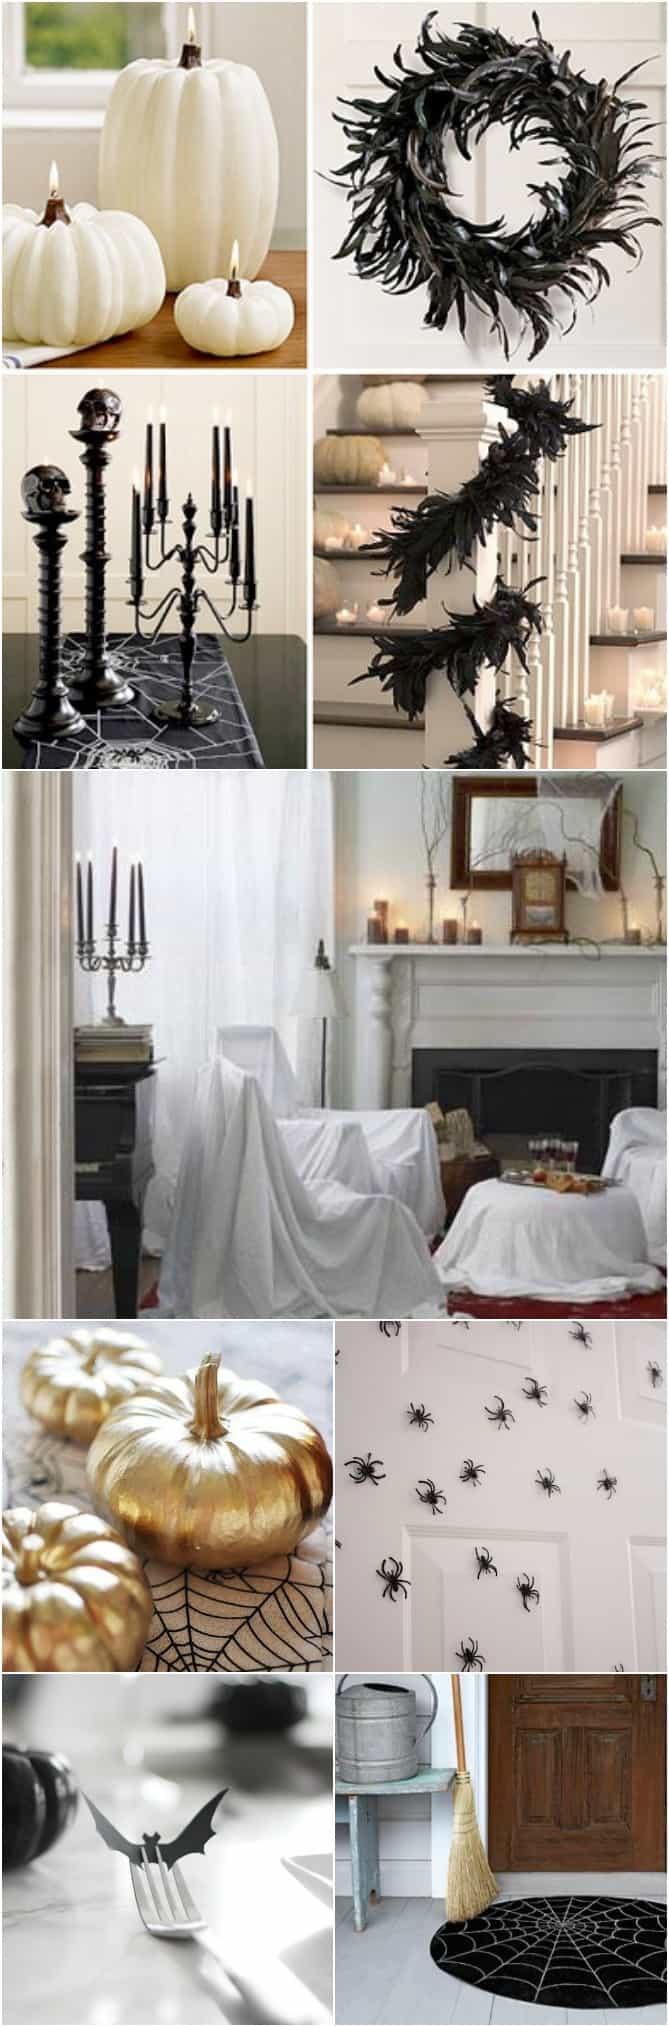 decorazioni mostruose per halloween